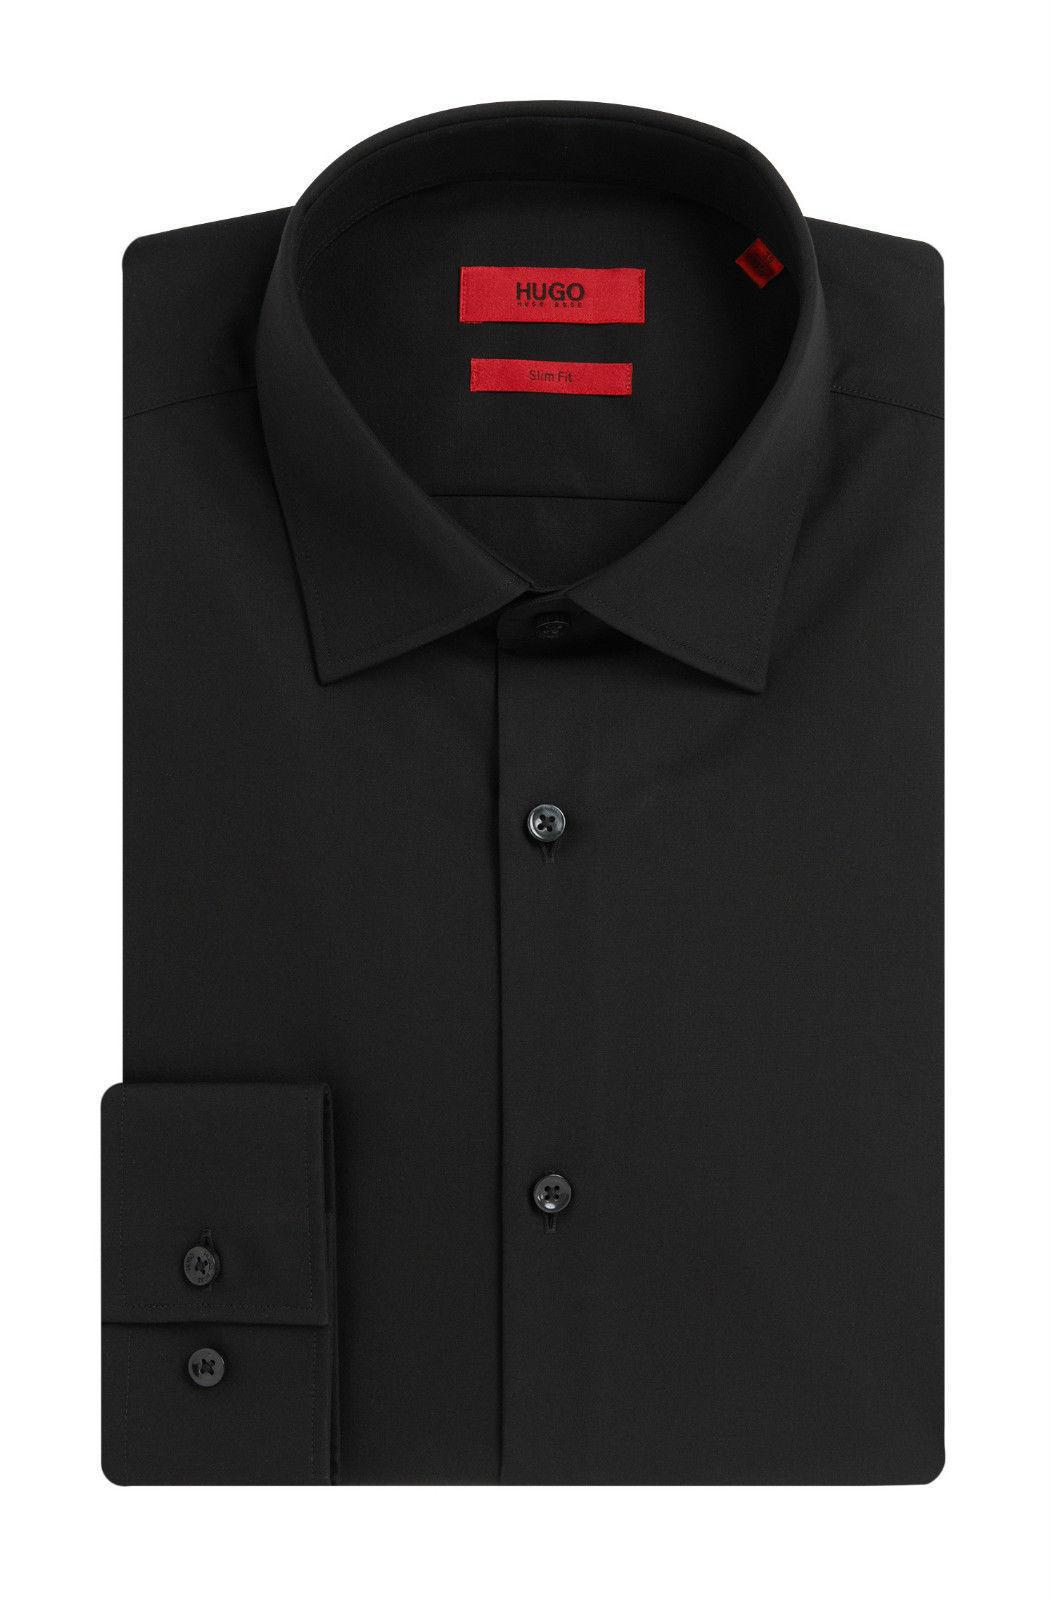 HUGO BOSS Hemd slim fit aus Baumwolle einfarbig schwarz Farbe: